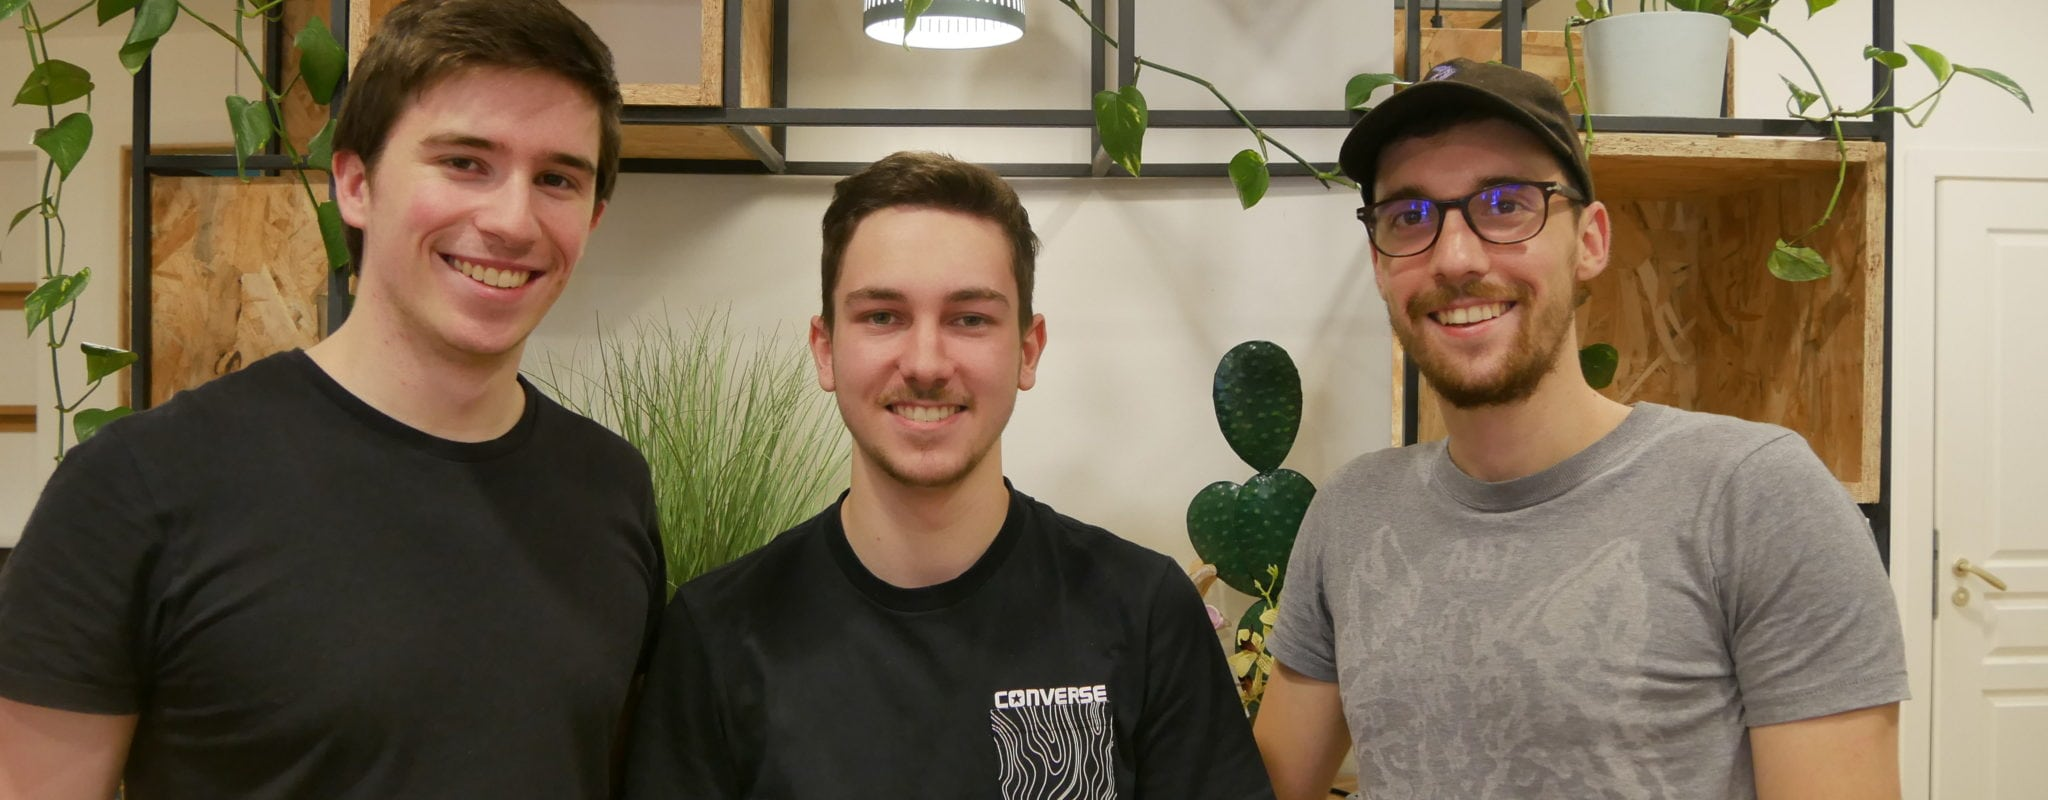 Trois jeunes veulent recycler le plastique pour nourrir les imprimantes 3D